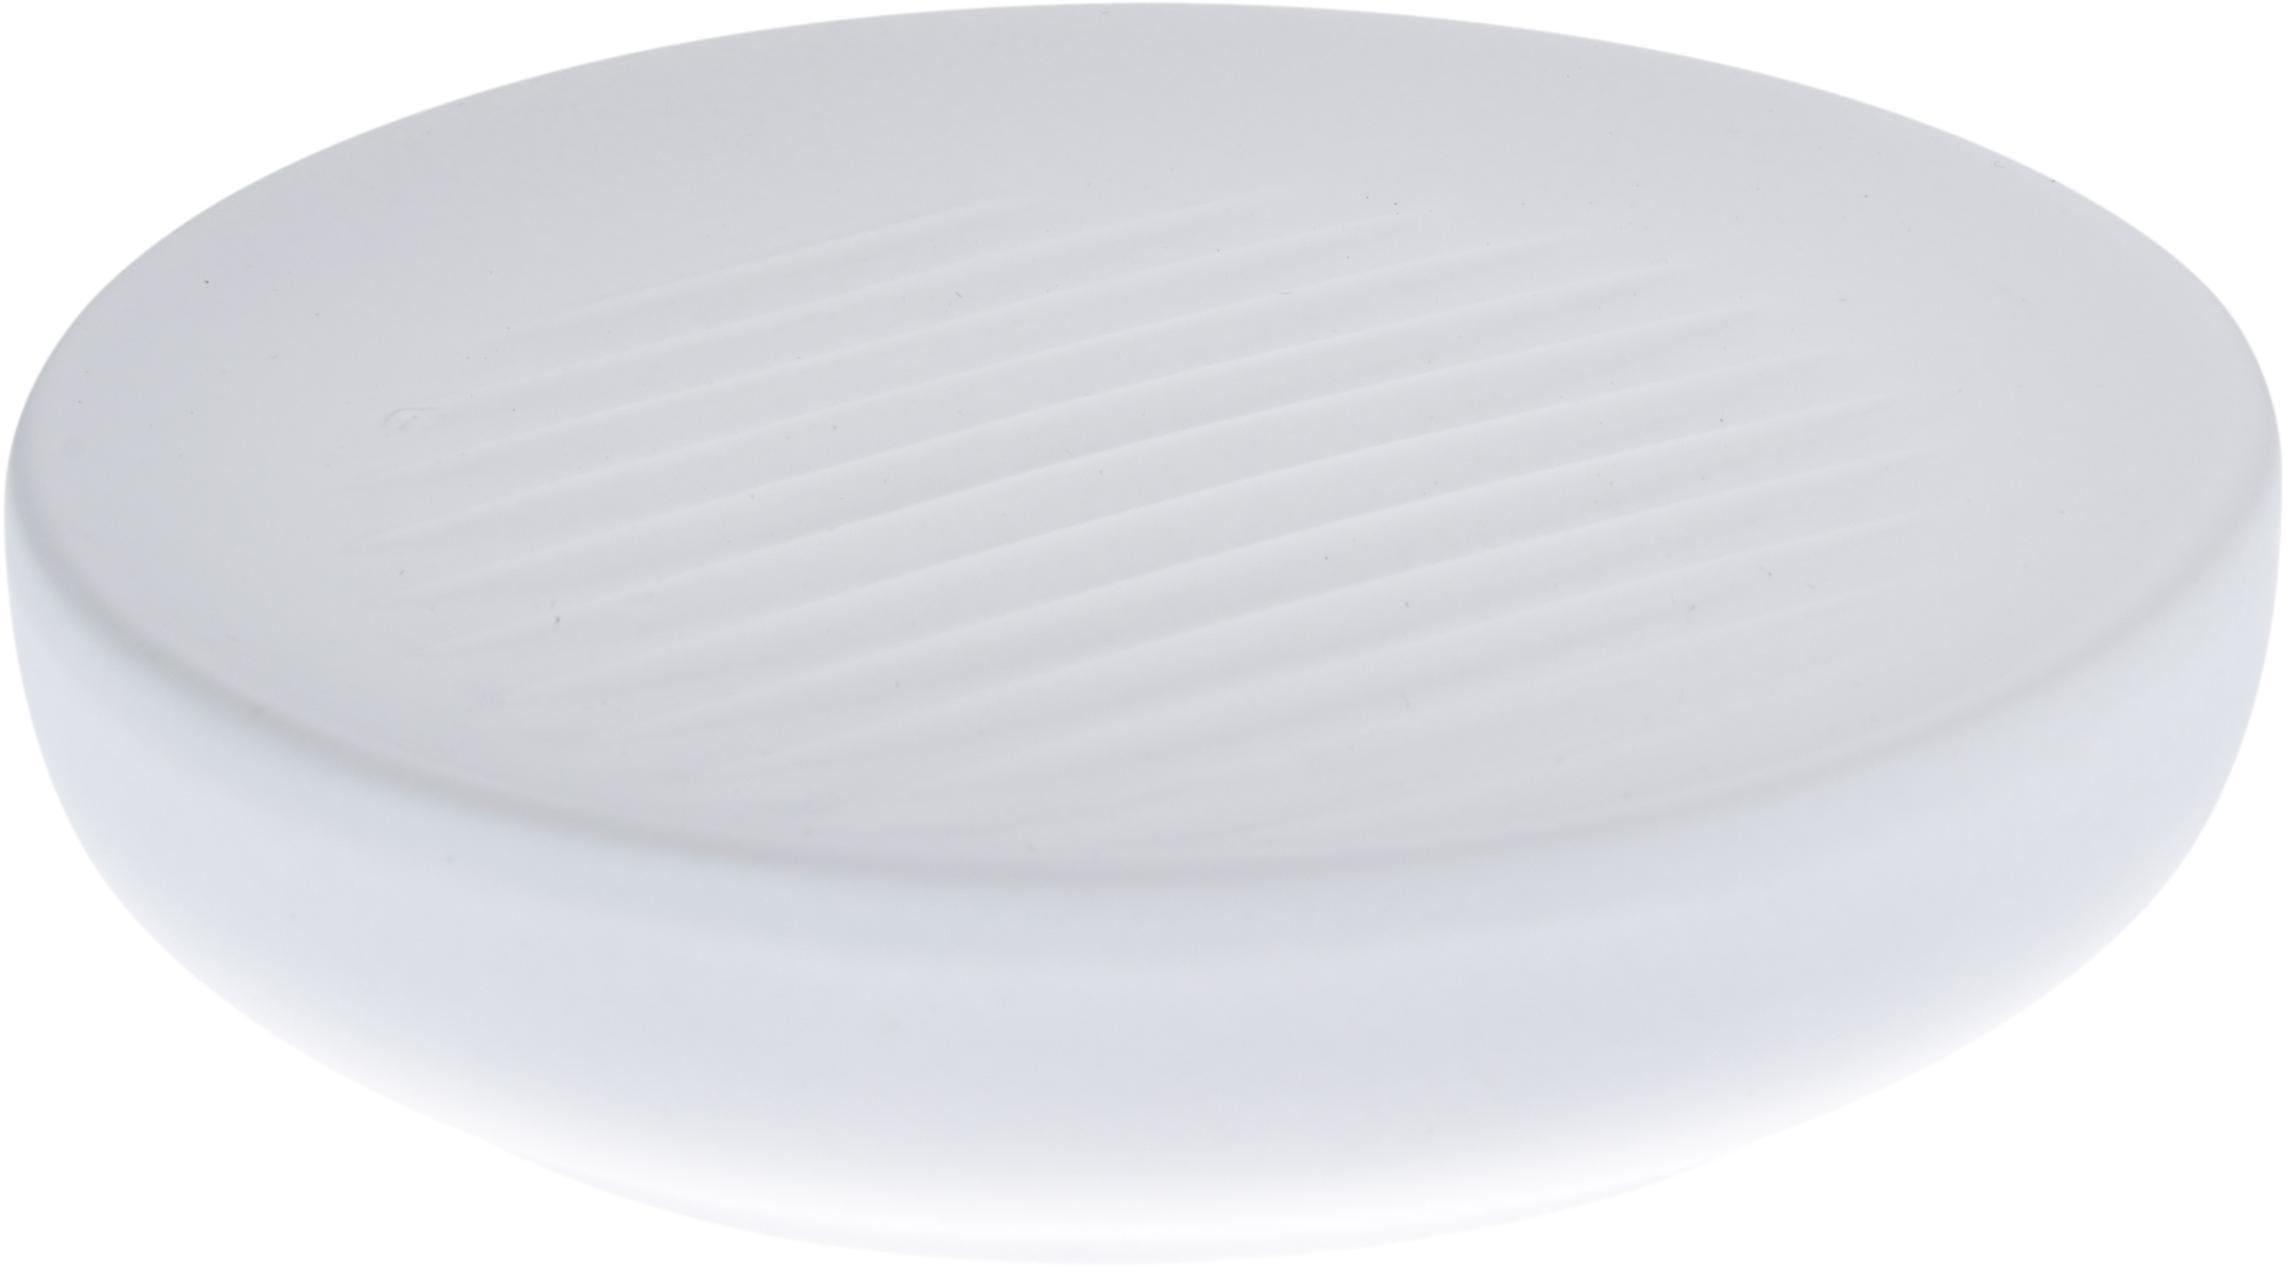 Porseleinen zeephouder  Ume, Porselein, Wit, Ø 12 x H 3 cm